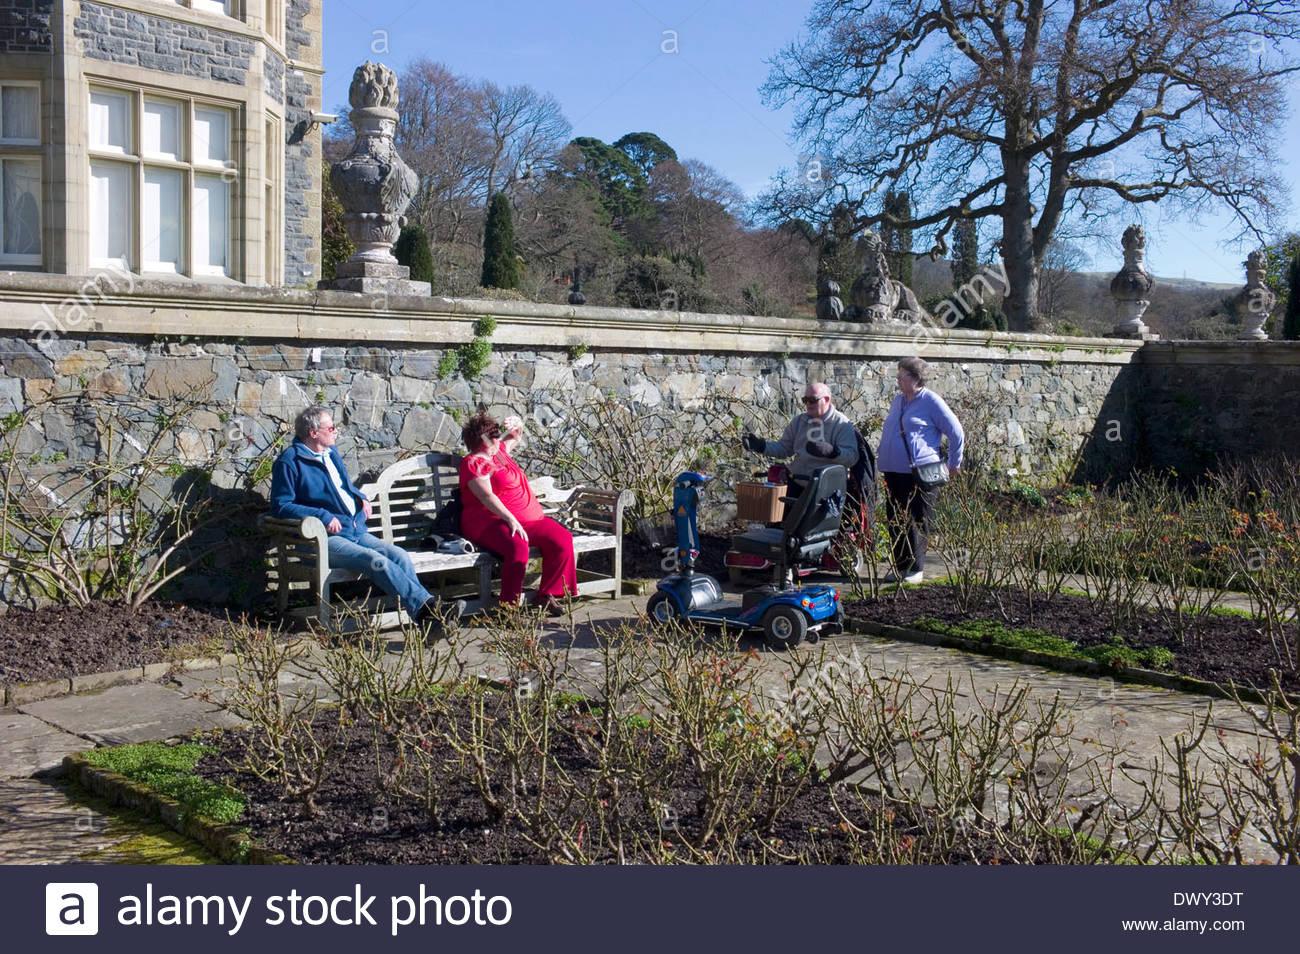 Zwei ältere Ehepaare mit ihrer Behinderung scooter ruht auf einem lutyens Bank Bodnant Gardens, Conwy Valley, North Wales Stockbild